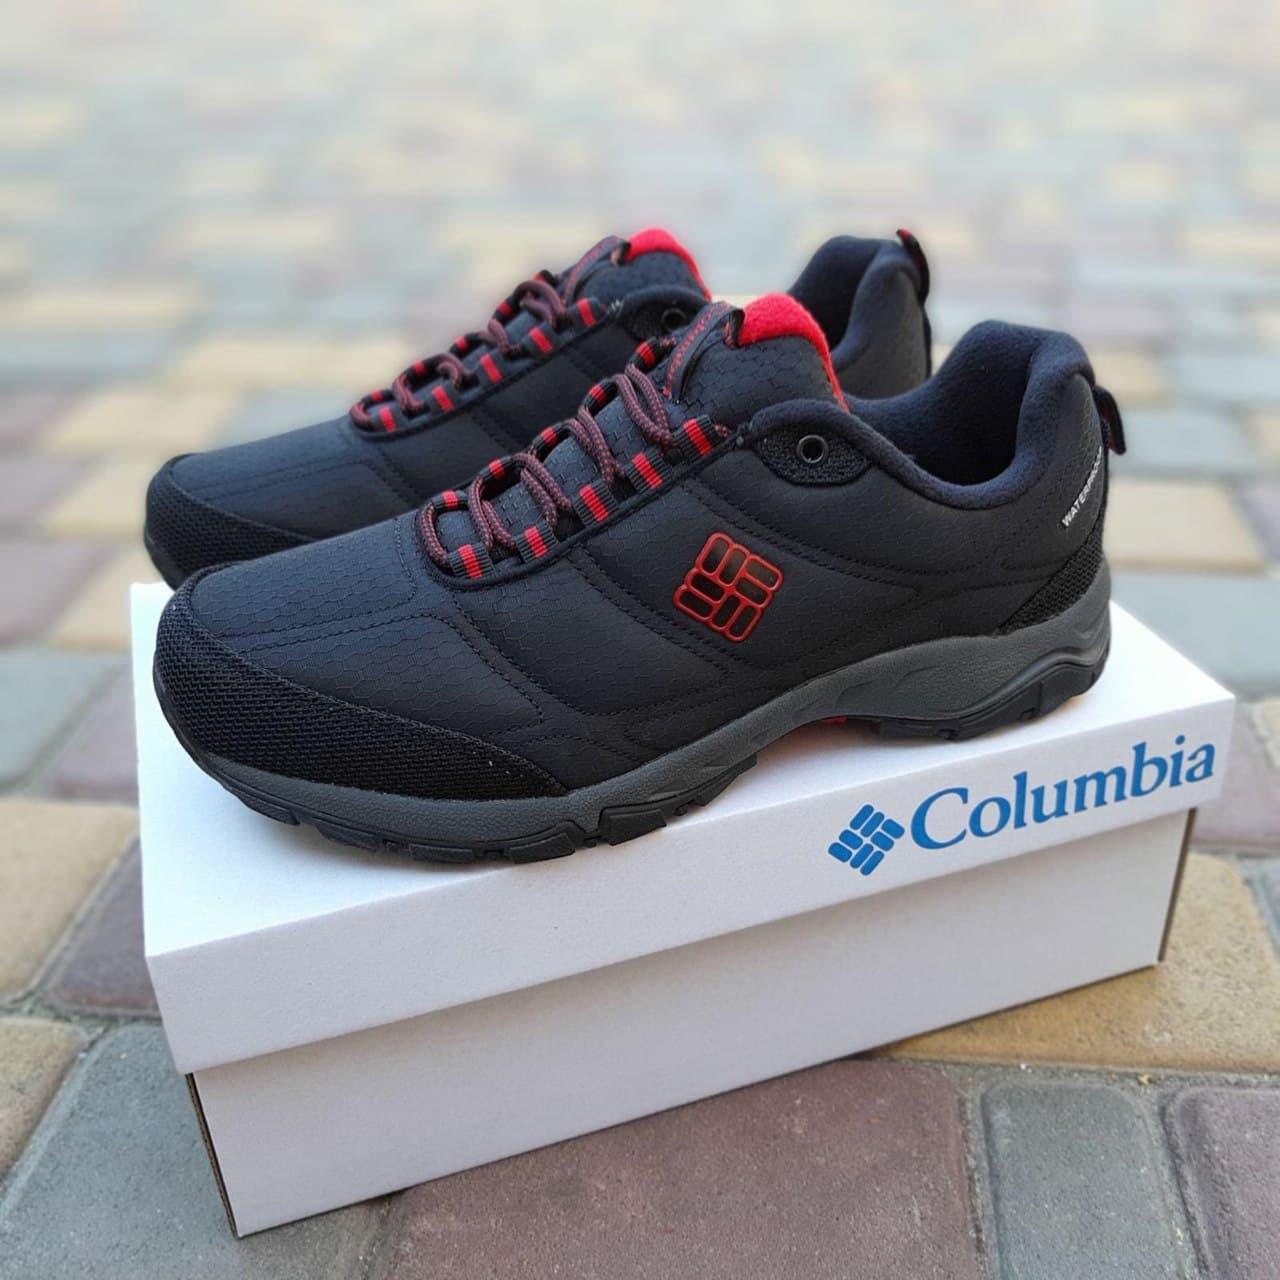 Мужские зимние кроссовки Columbia Firecamp (Чёрный с красным) О3536 утепленная обувь еврозима для парней